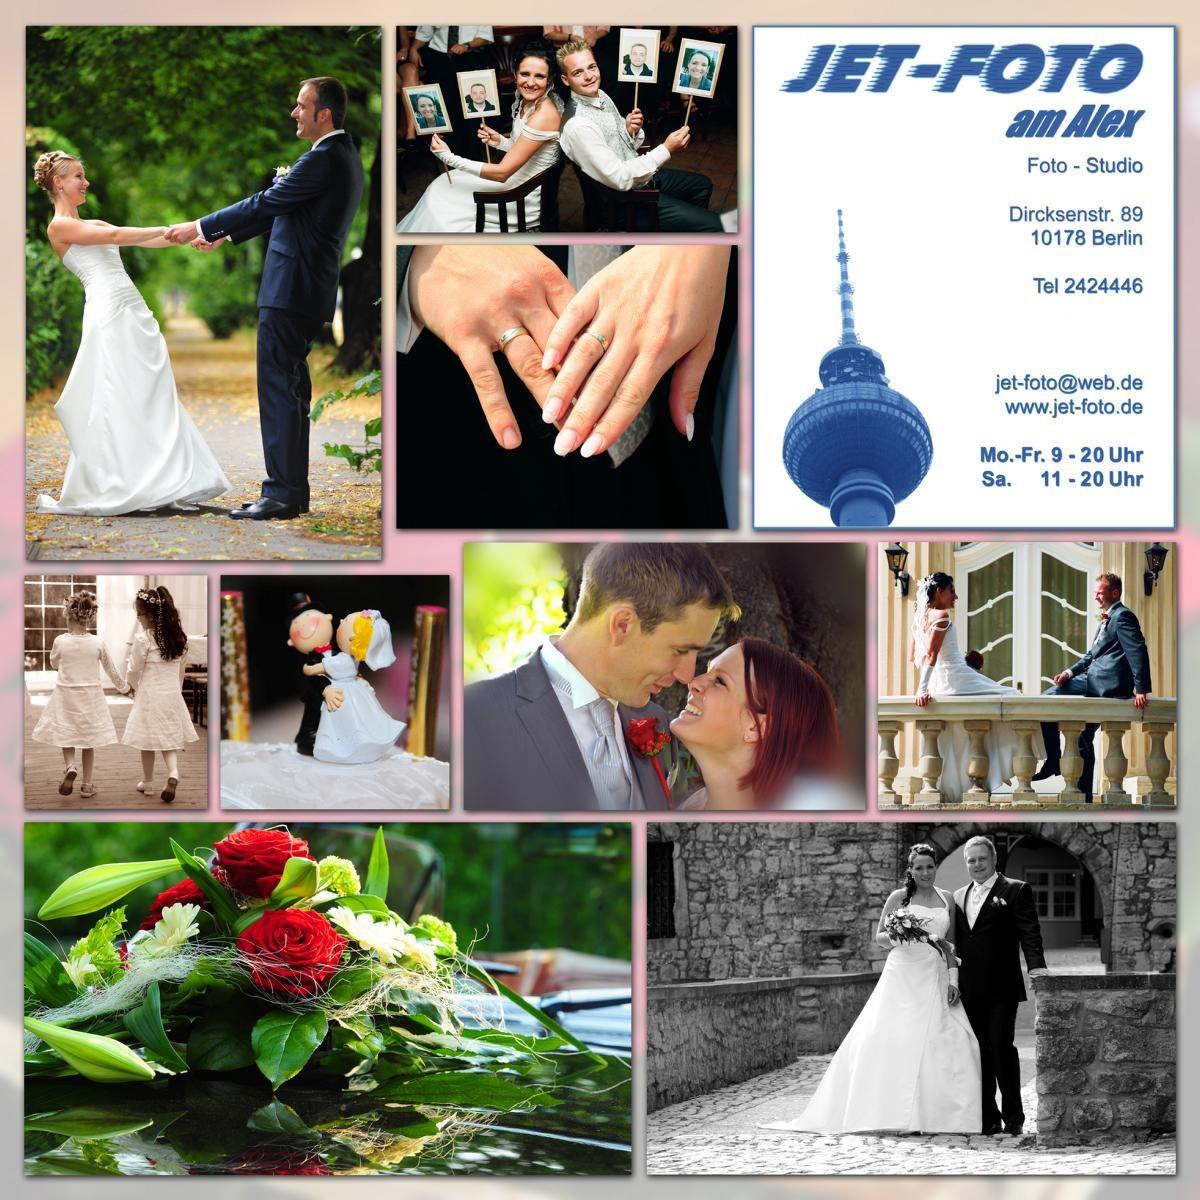 JET-FOTO-Hochzeitsbilder-Flyer